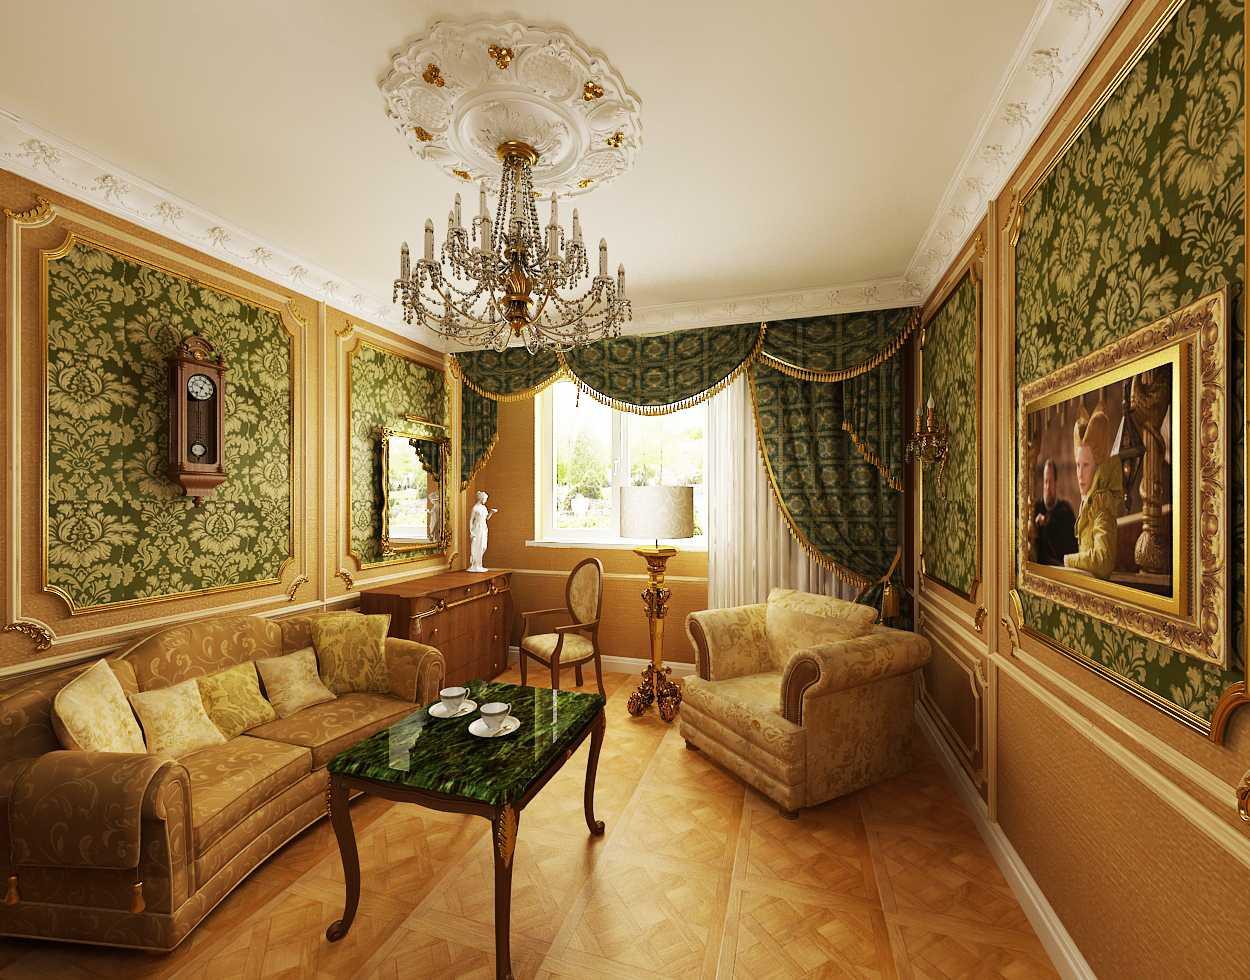 Светлый потолок в интерьере в дворцовом стиле